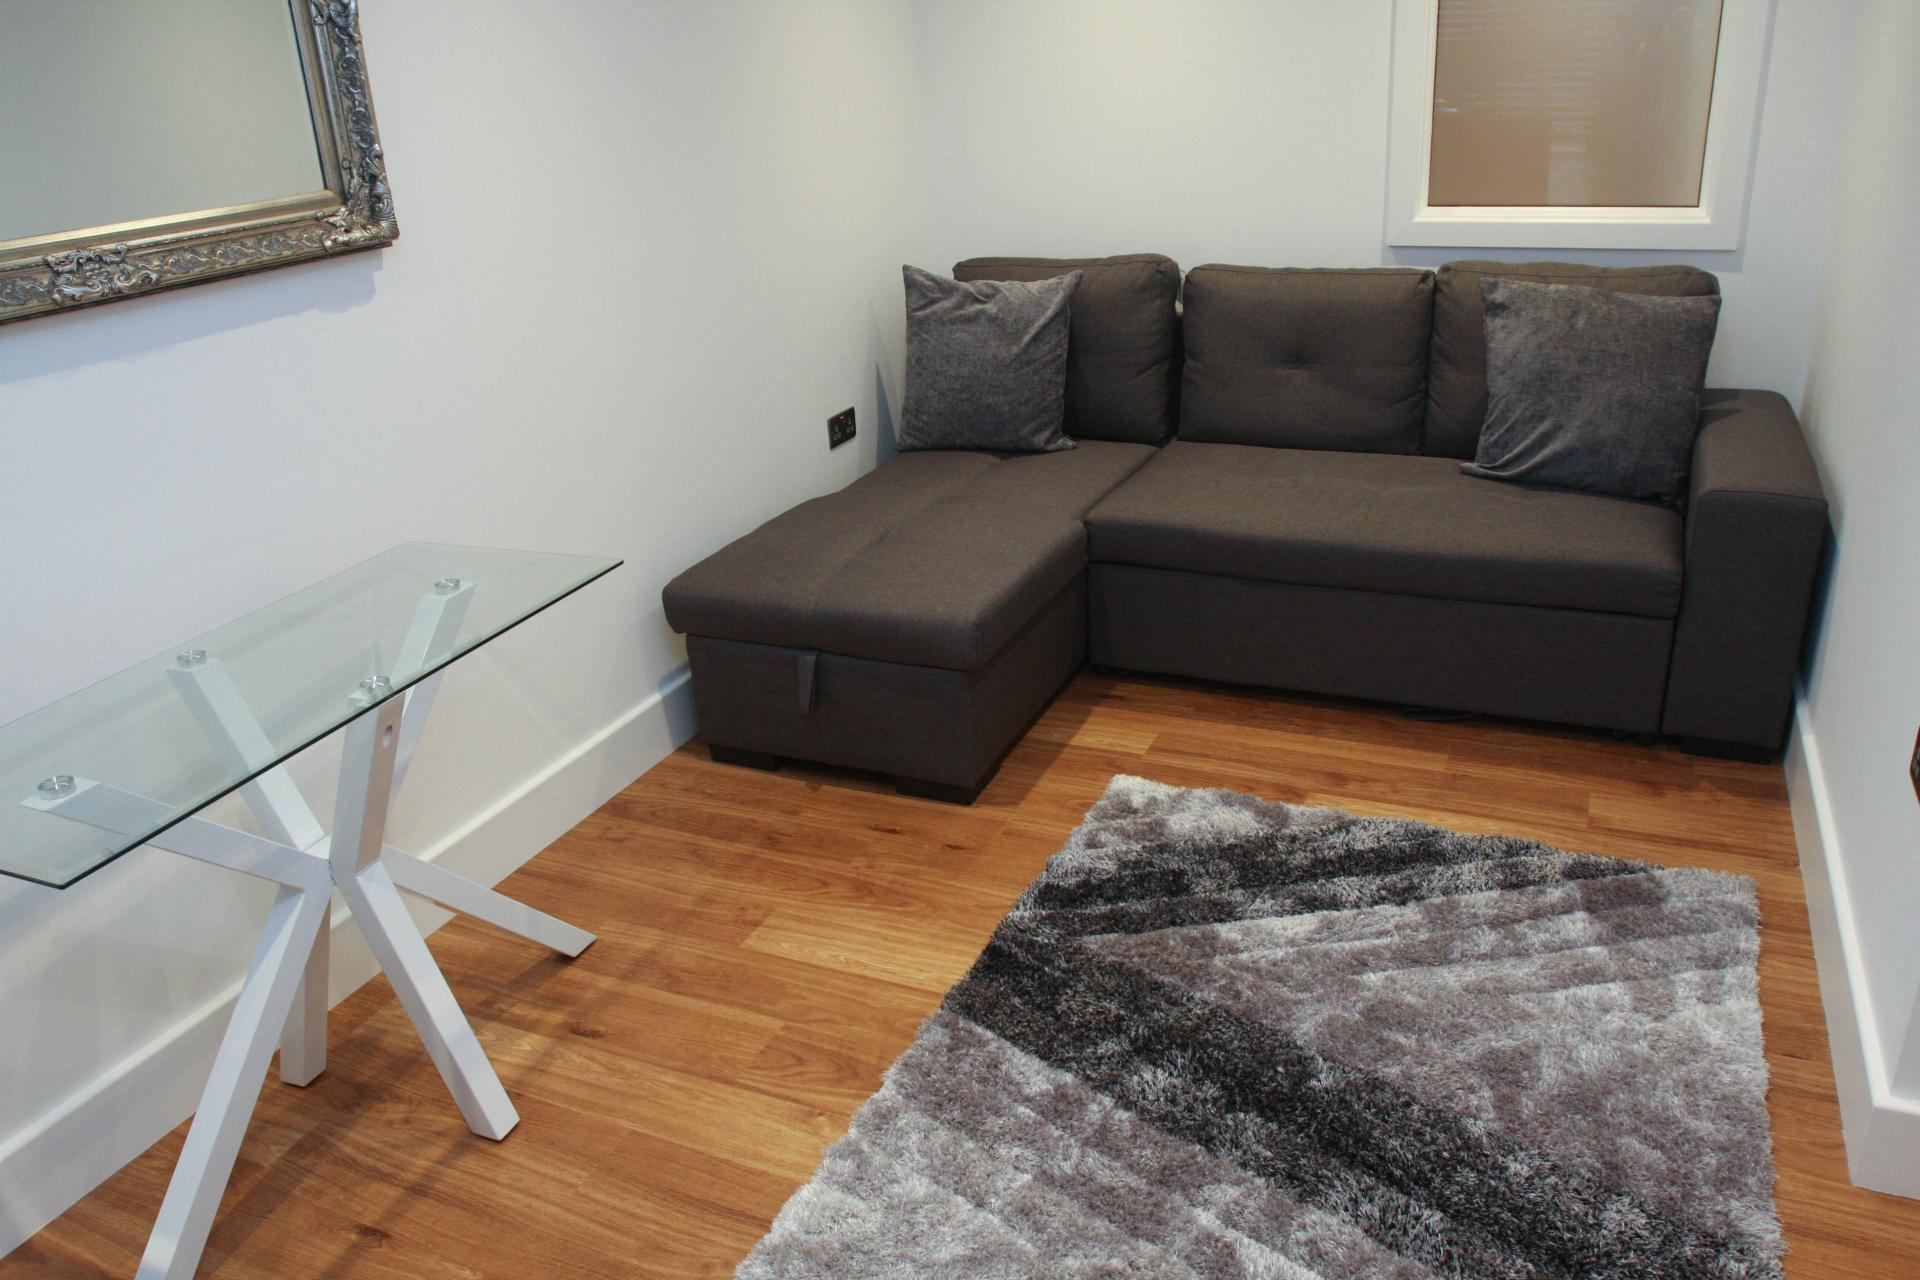 Sofa in Sheppards Yard